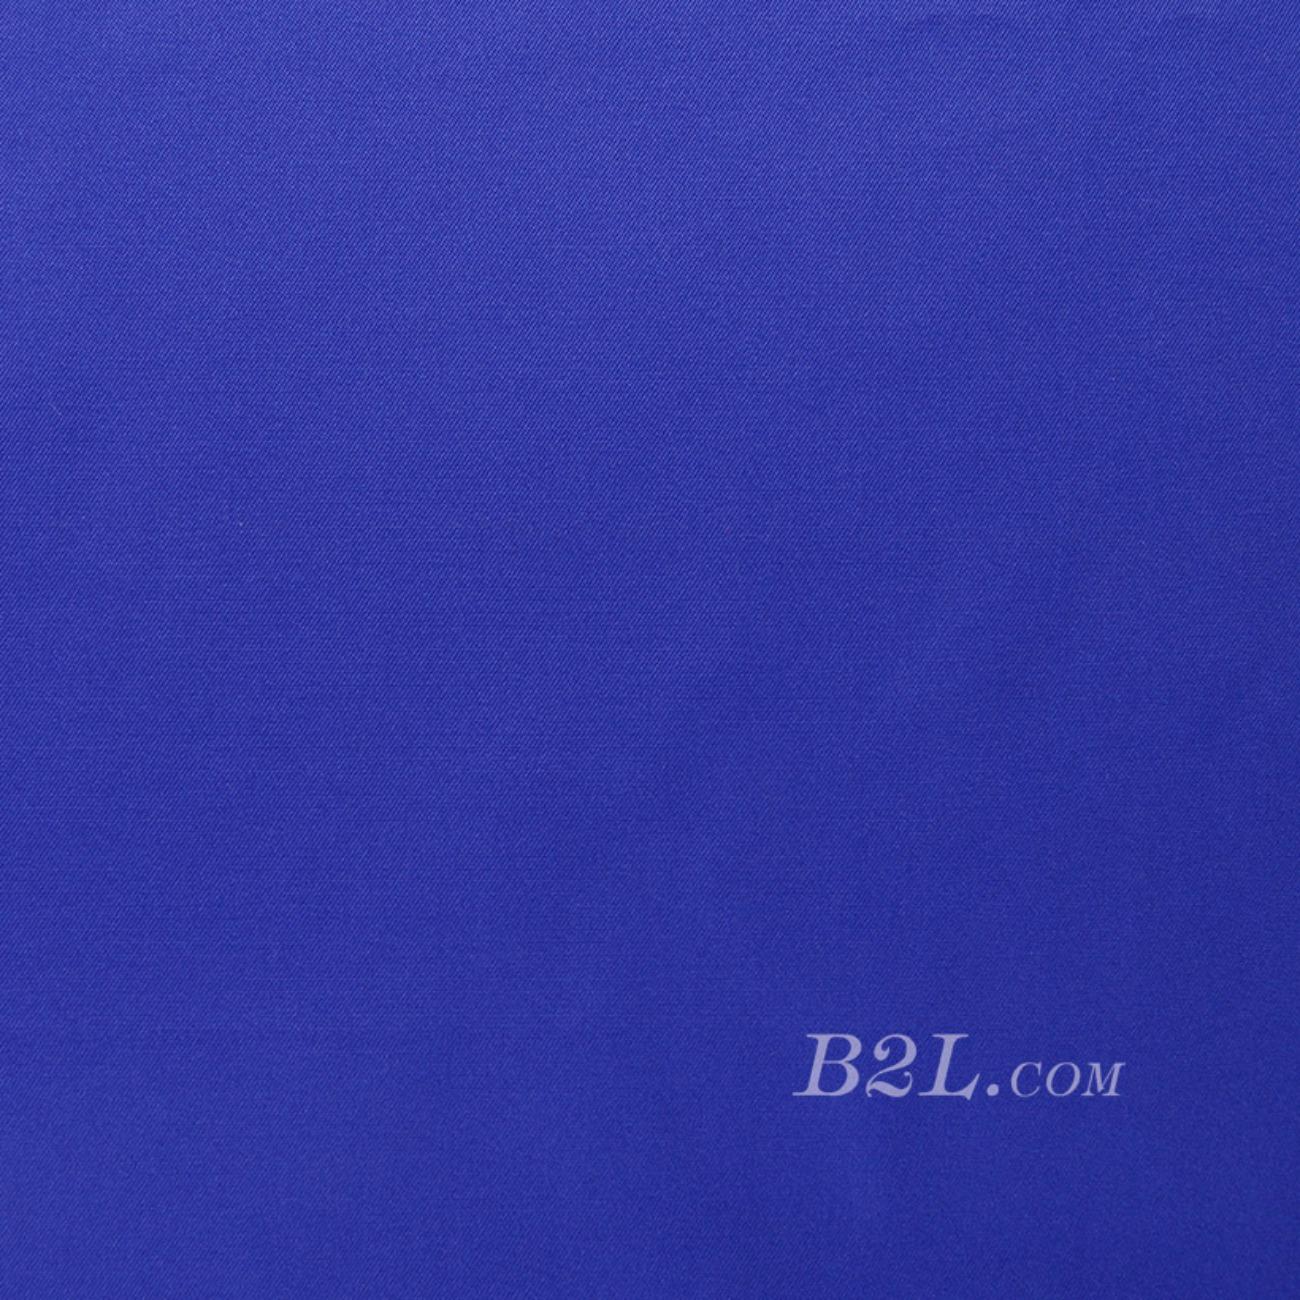 现货 平纹素色喷水梭织染色工装制服保安服装面料 工作服 TC涤棉不起球 70911-5